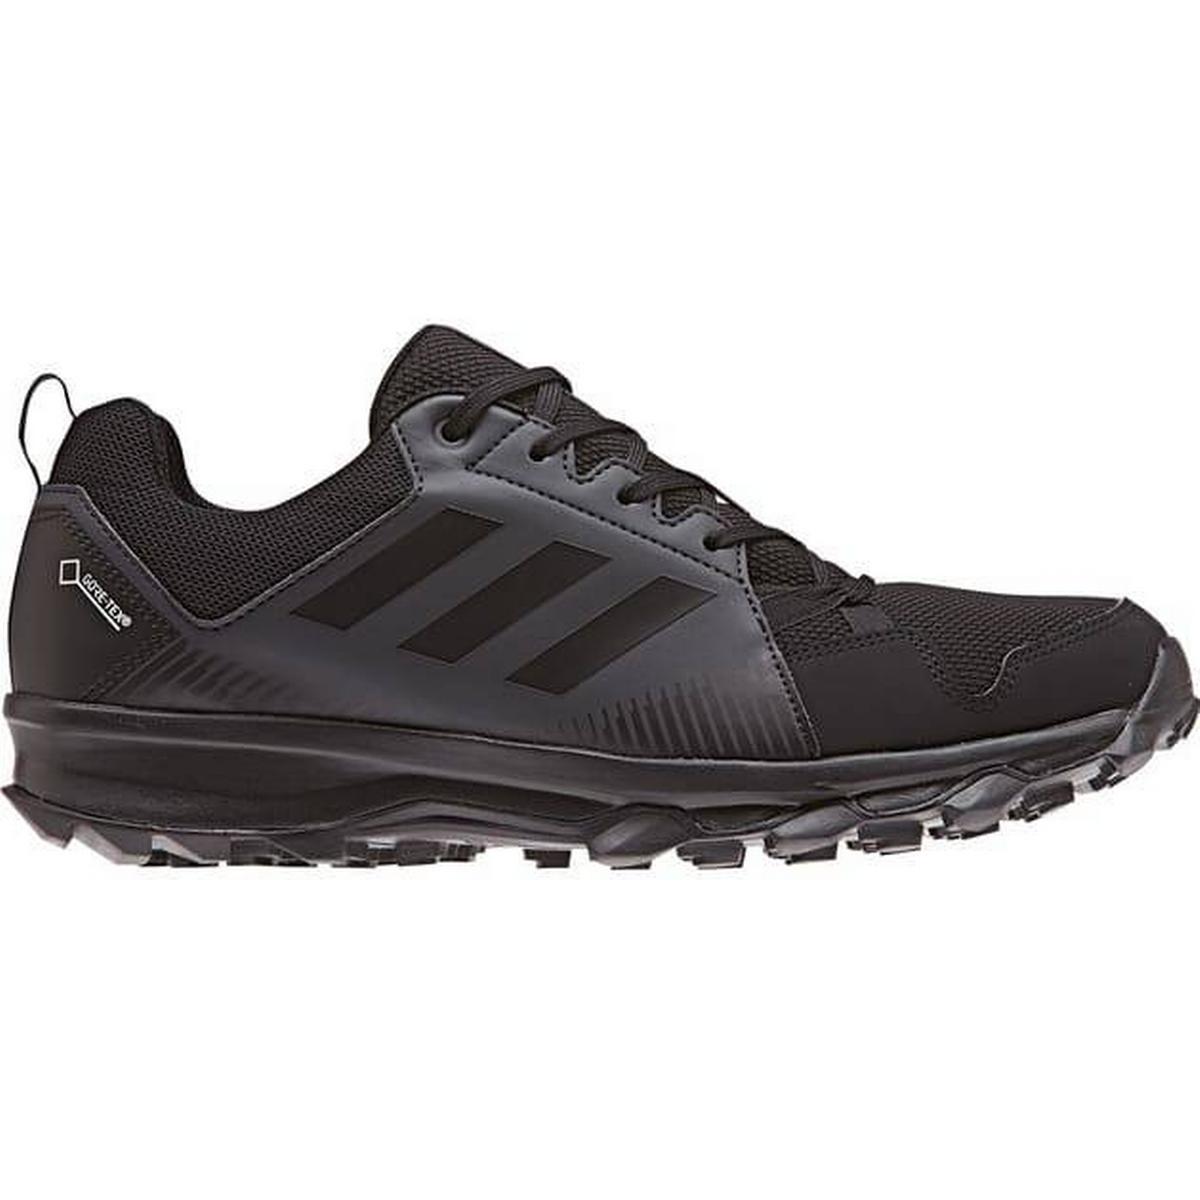 Adidas terrex • Find den billigste pris hos PriceRunner nu »